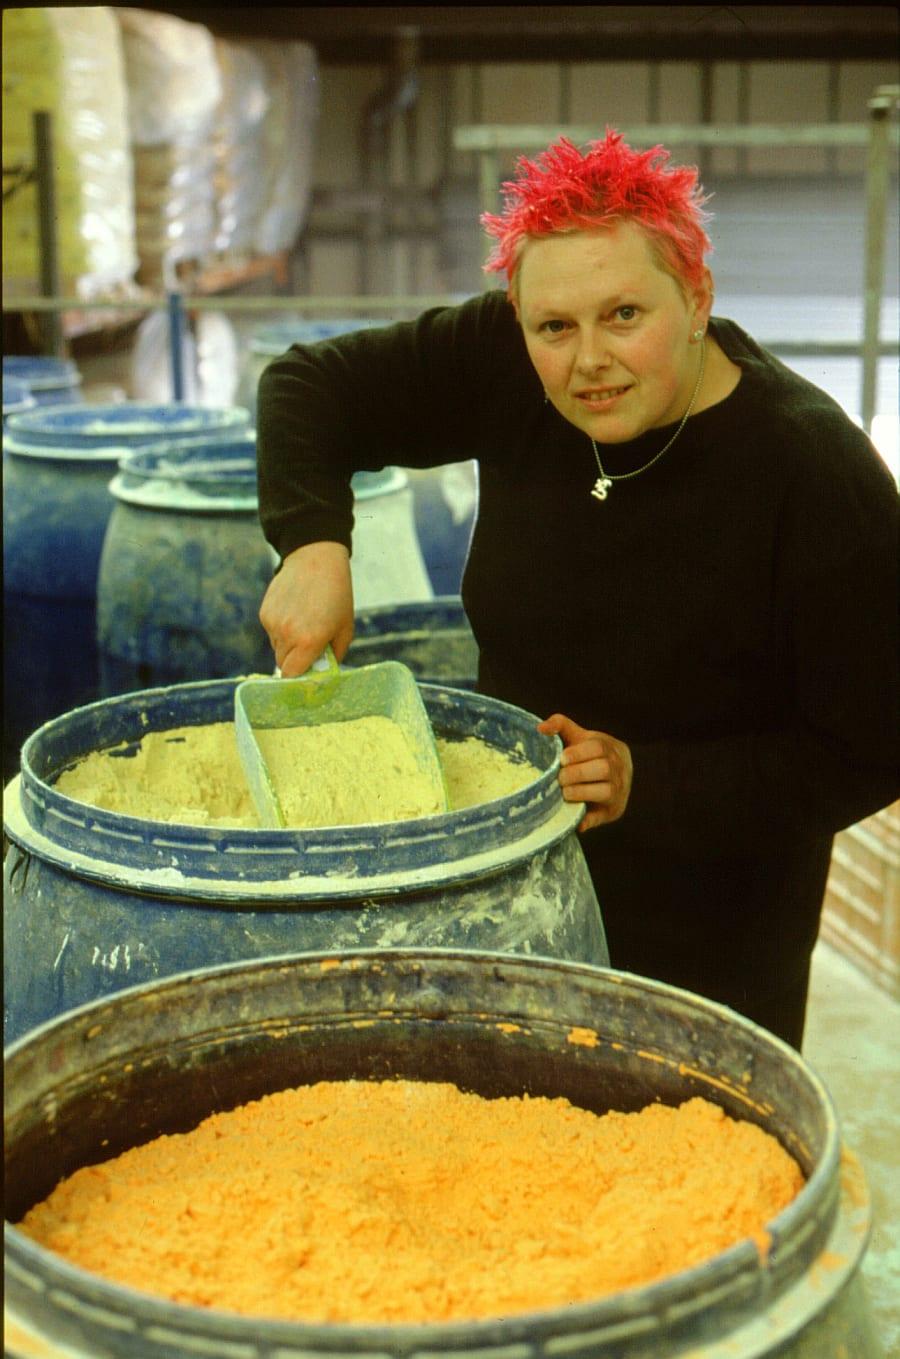 Hilary Jones na época em que trabalhava na fábrica da Lush, em Poole, na Inglaterra, há 20 anos.